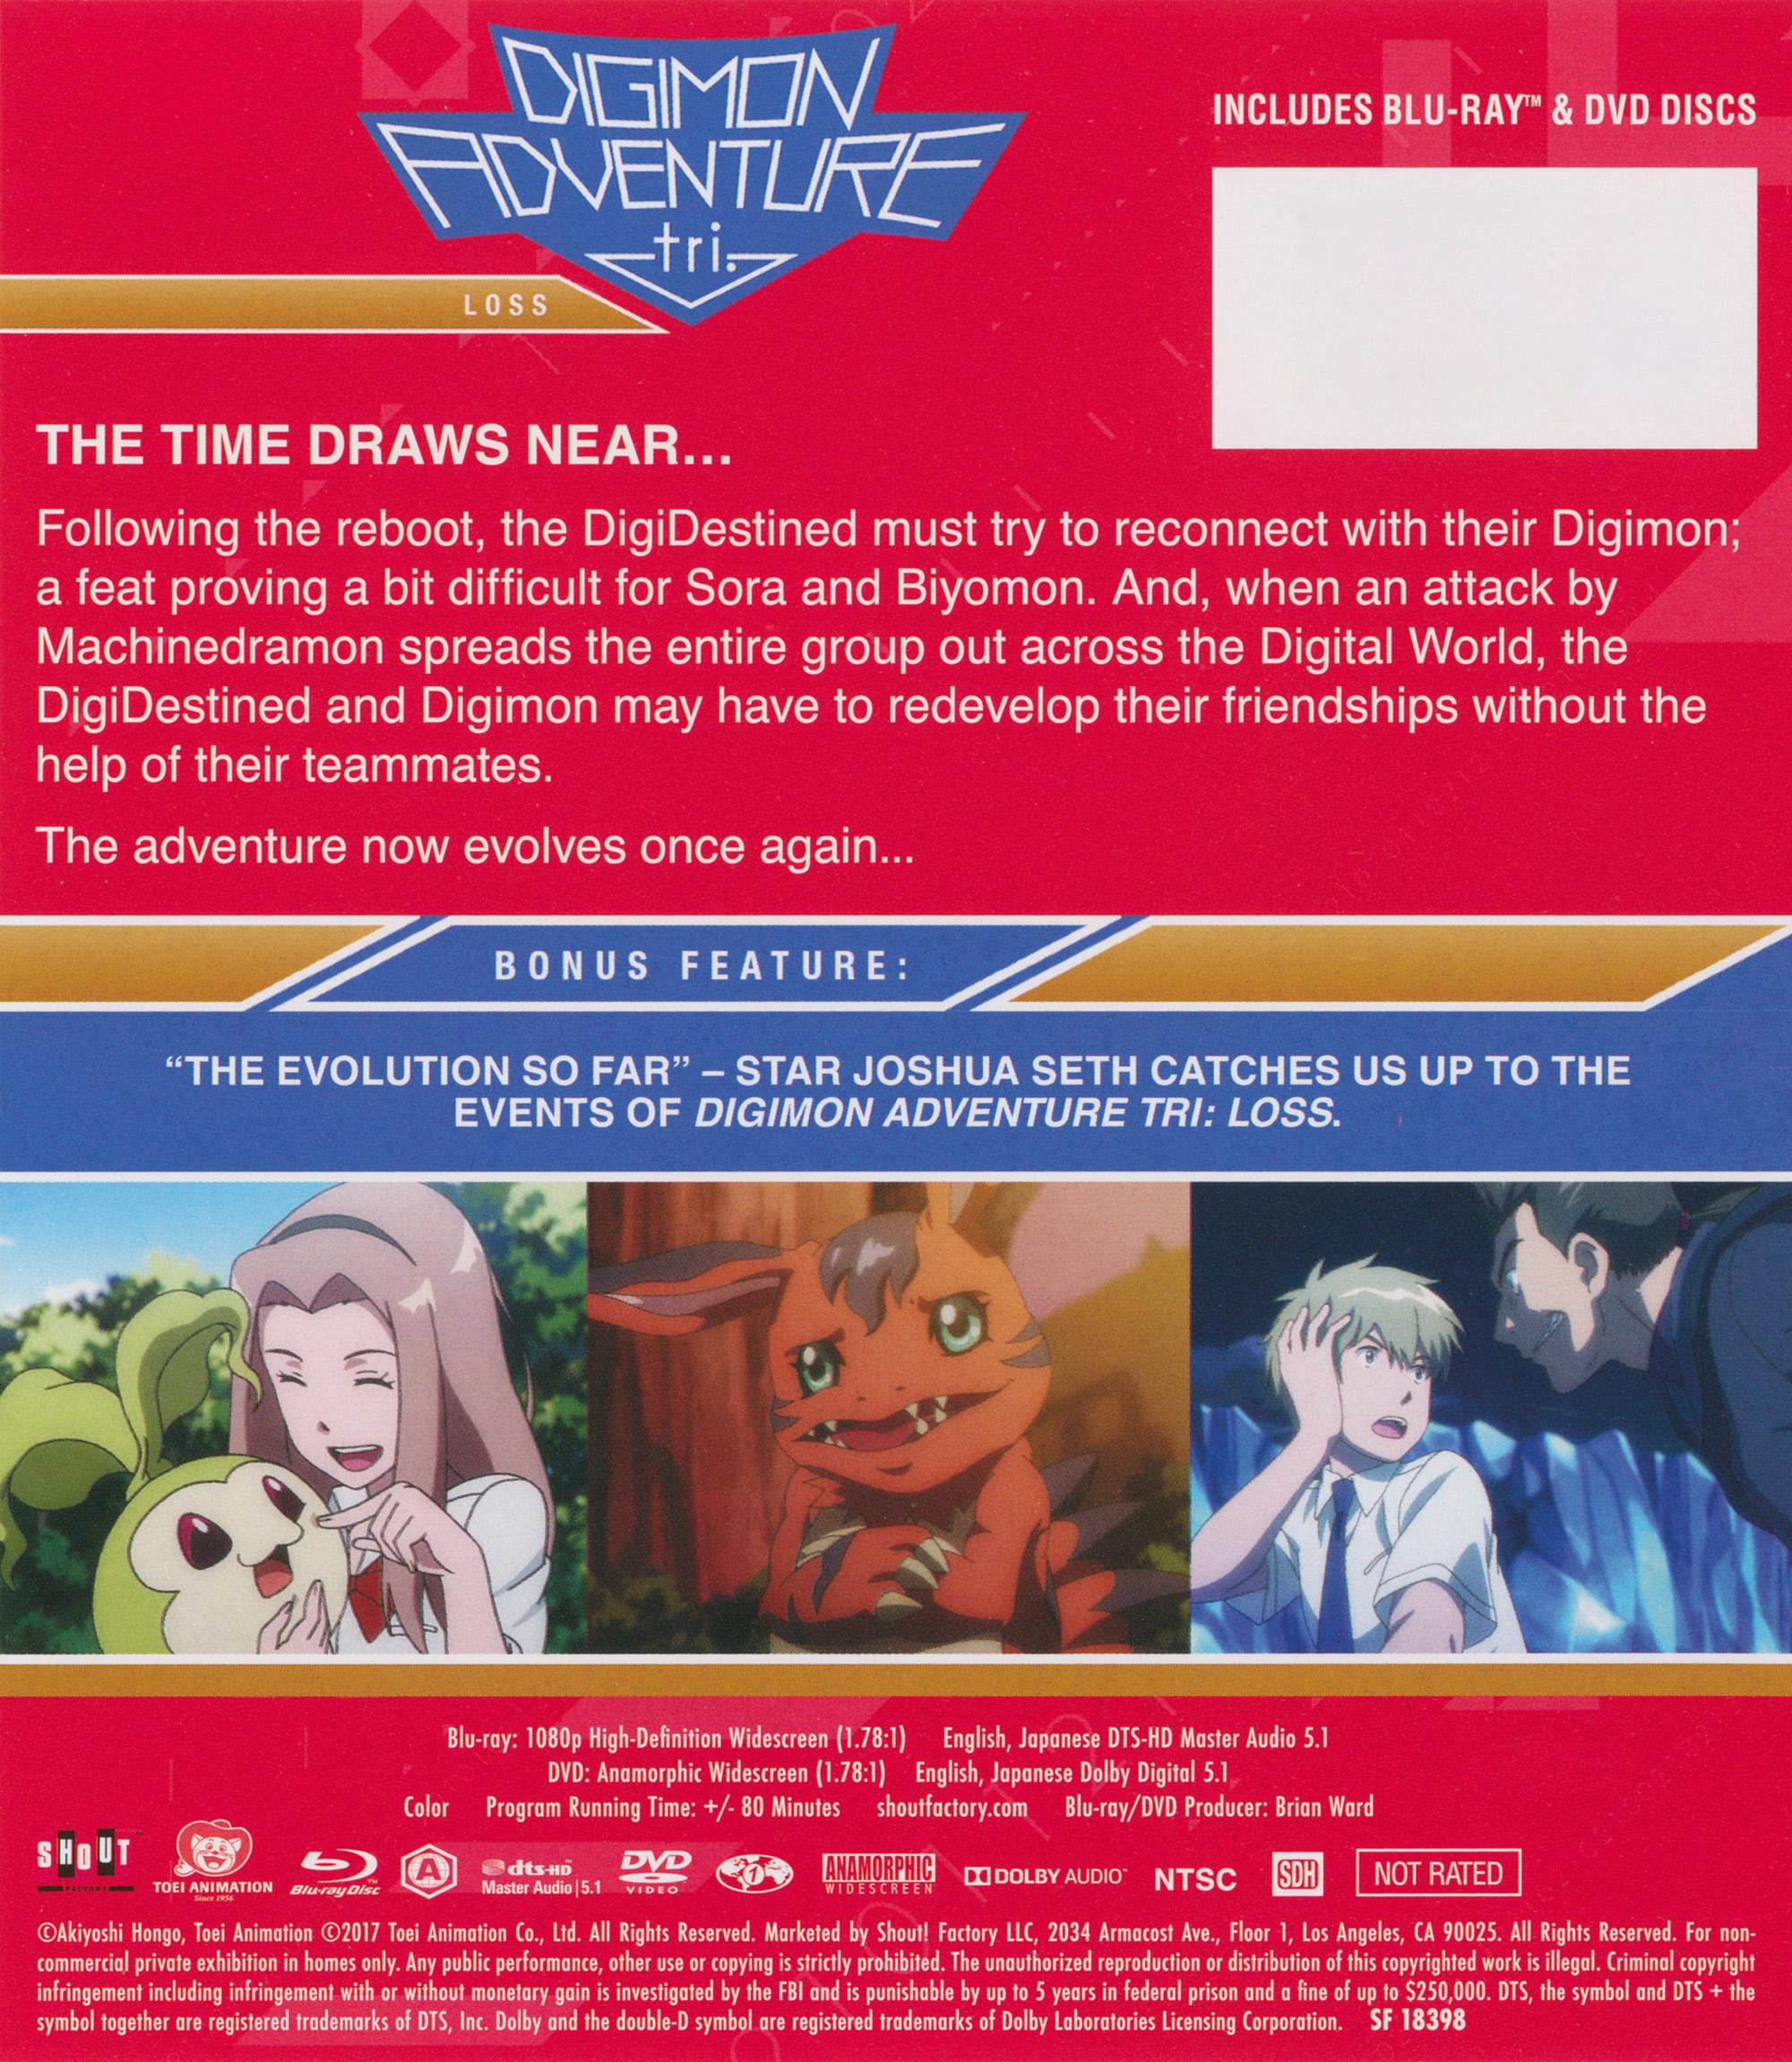 digimon adventure tri. 4 loss dvd